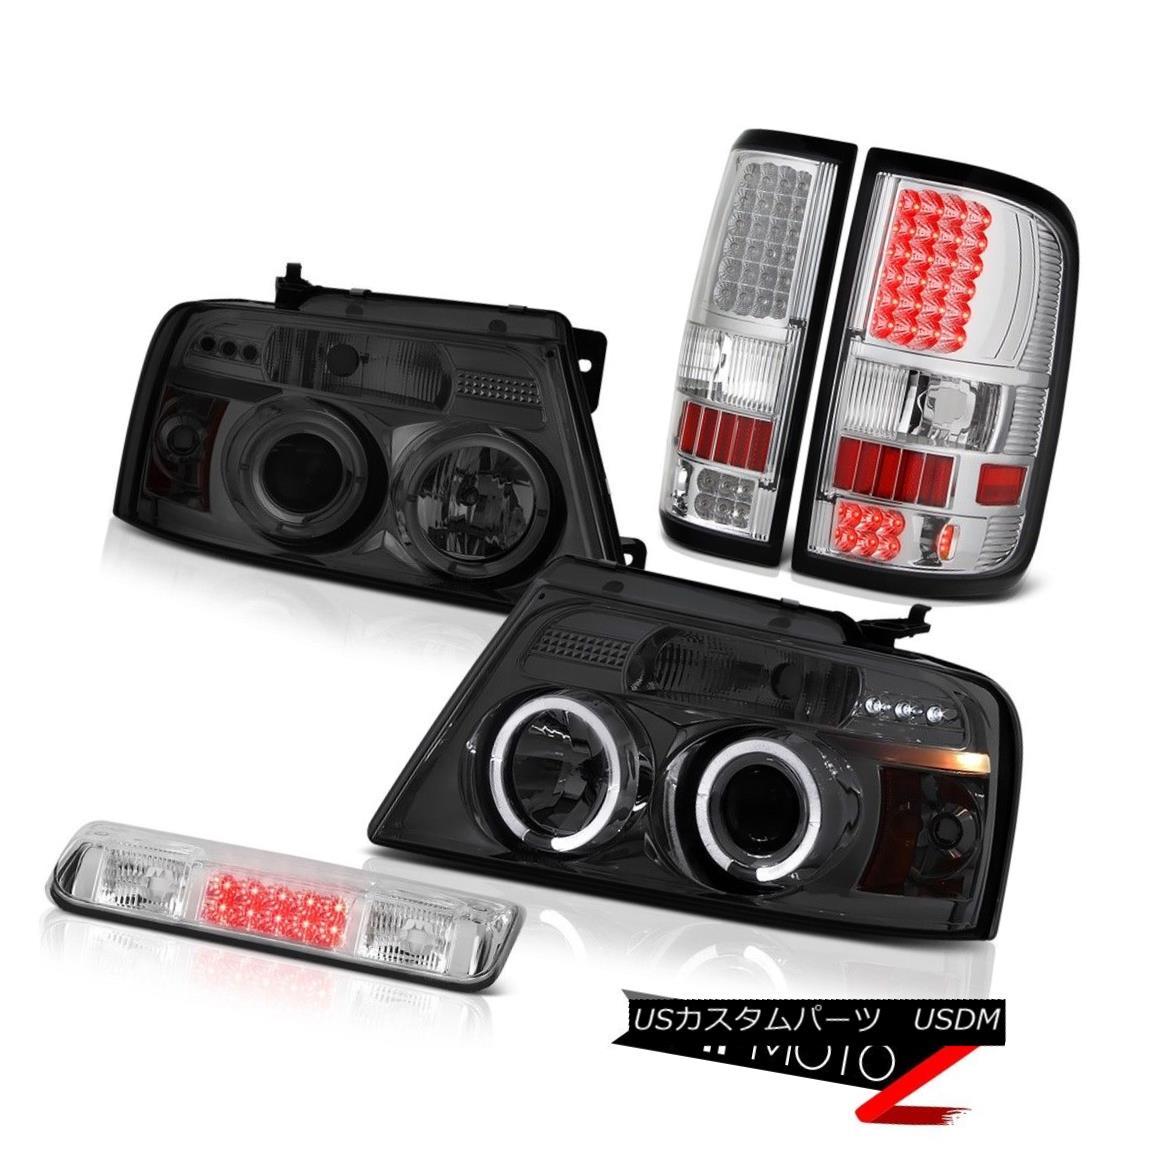 テールライト 04-08 Ford F150 FX4 Chrome Third Brake Lamp Taillights Headlamps LED Angel Eyes 04-08フォードF150 FX4クローム第3ブレーキランプテールライトヘッドランプLEDエンジェルアイズ